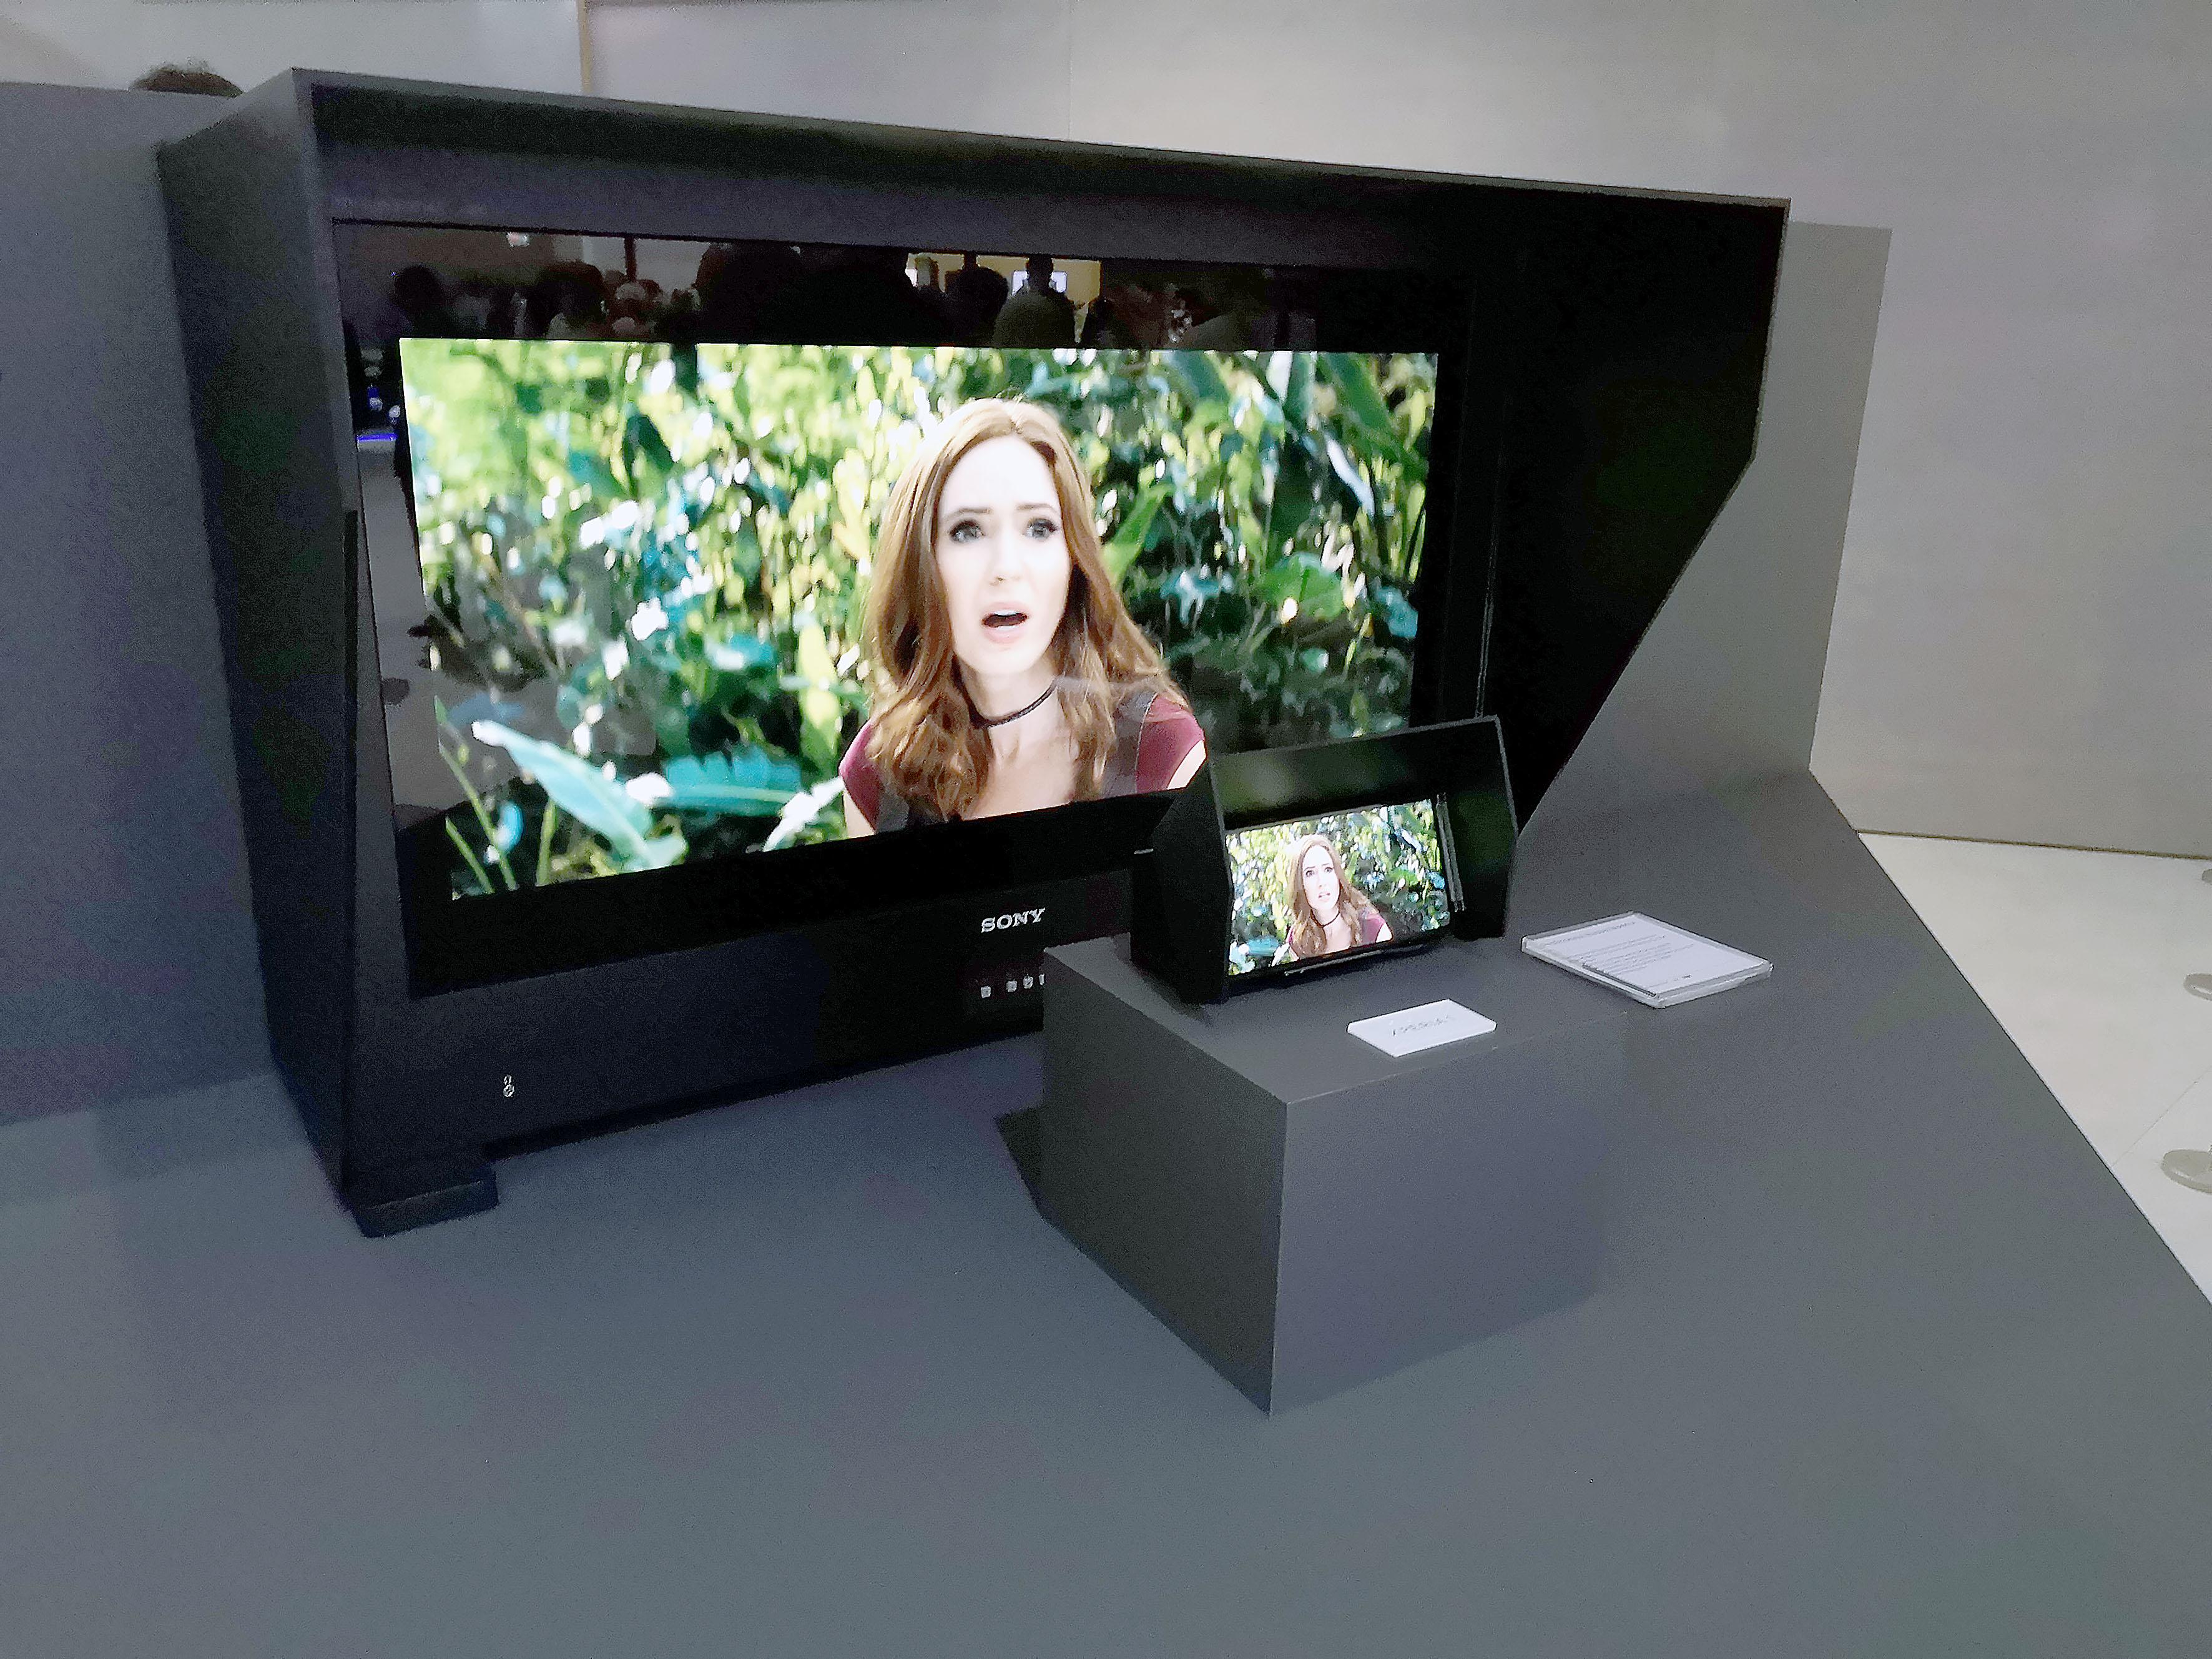 Foto: Michael B. Rehders - Der Sony Master Monitor dient dazu, 4K-Blu-rays mit HDR zu mastern. Seine Leuchtdichte beträgt sagenhafte 4000 Nits. Sein Preis atemberaubende 30.000,- Euro.